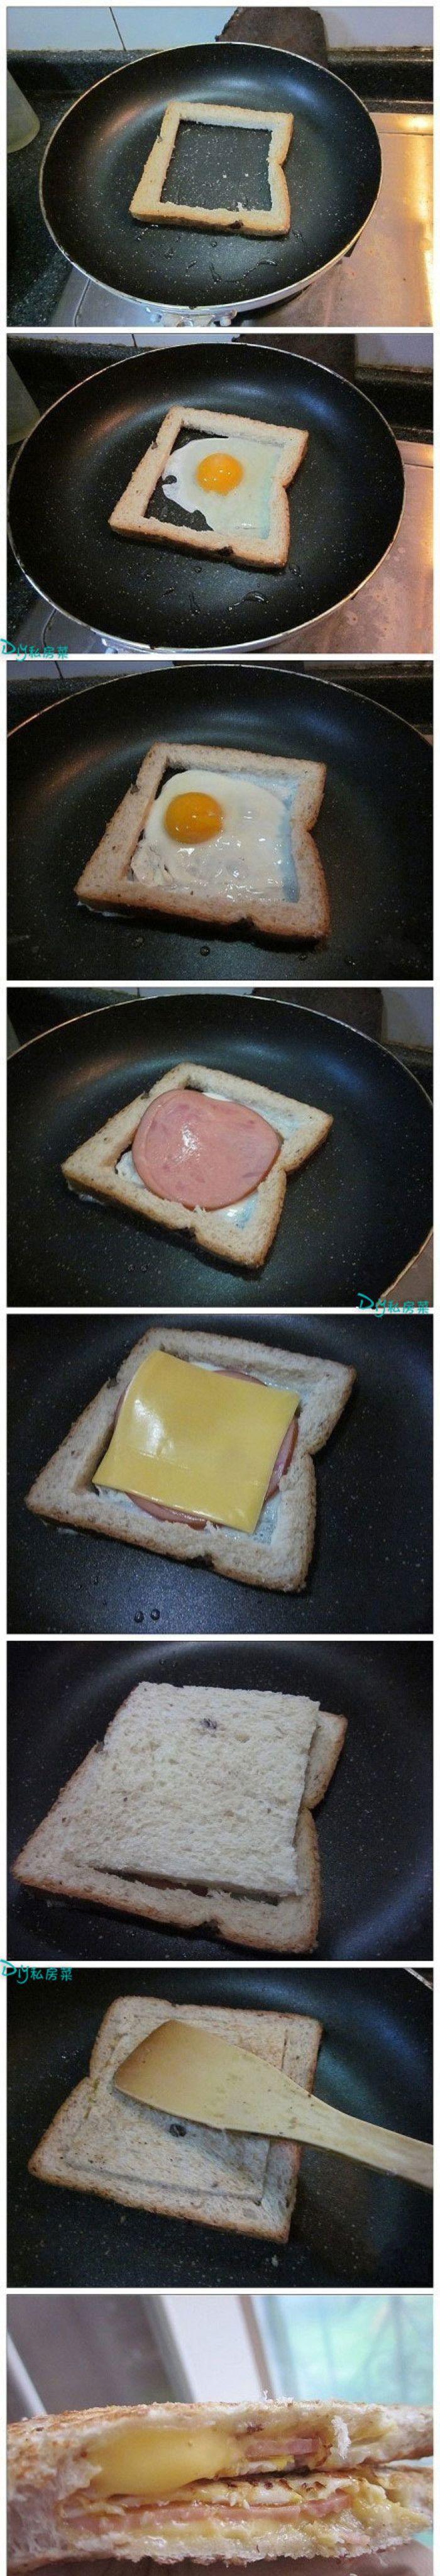 DIY delicious breakfast